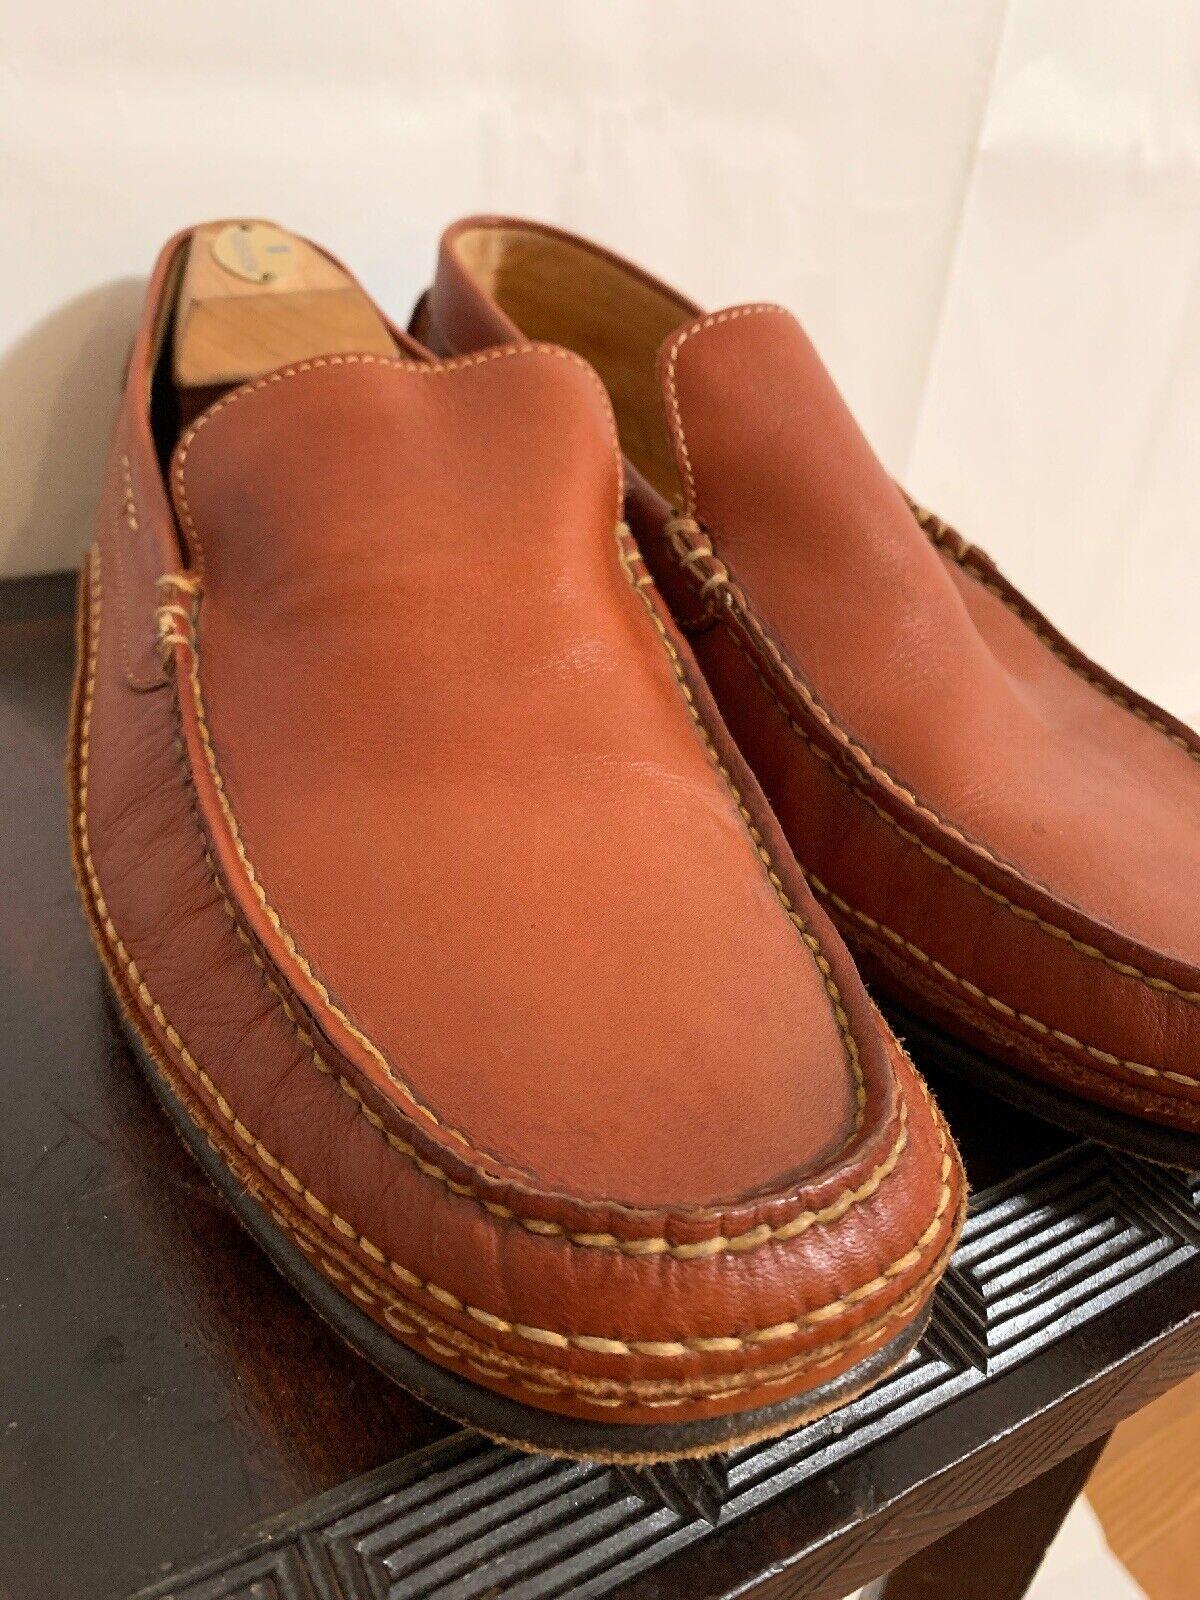 A. TESTONI Daim Mocassins à Enfiler Chaussures de l'Italie Occasion fabricants Standard prix de détail  395 Wow  - 10.5 m